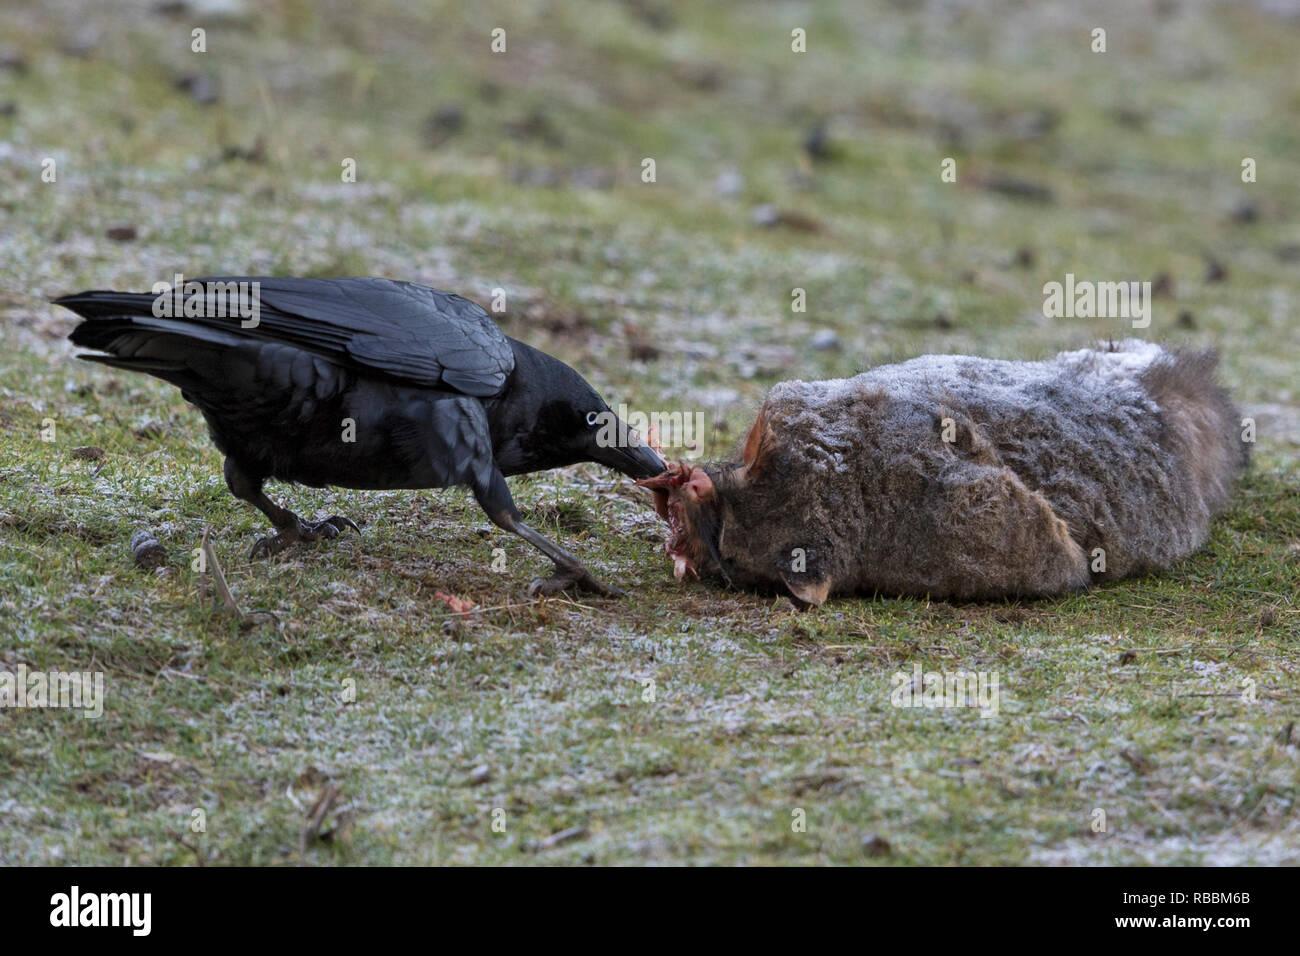 tasmanain crow or forest raven corvus tasmanicus feeding on dead brush tailed possum road kill north west tasmania australia - Stock Image